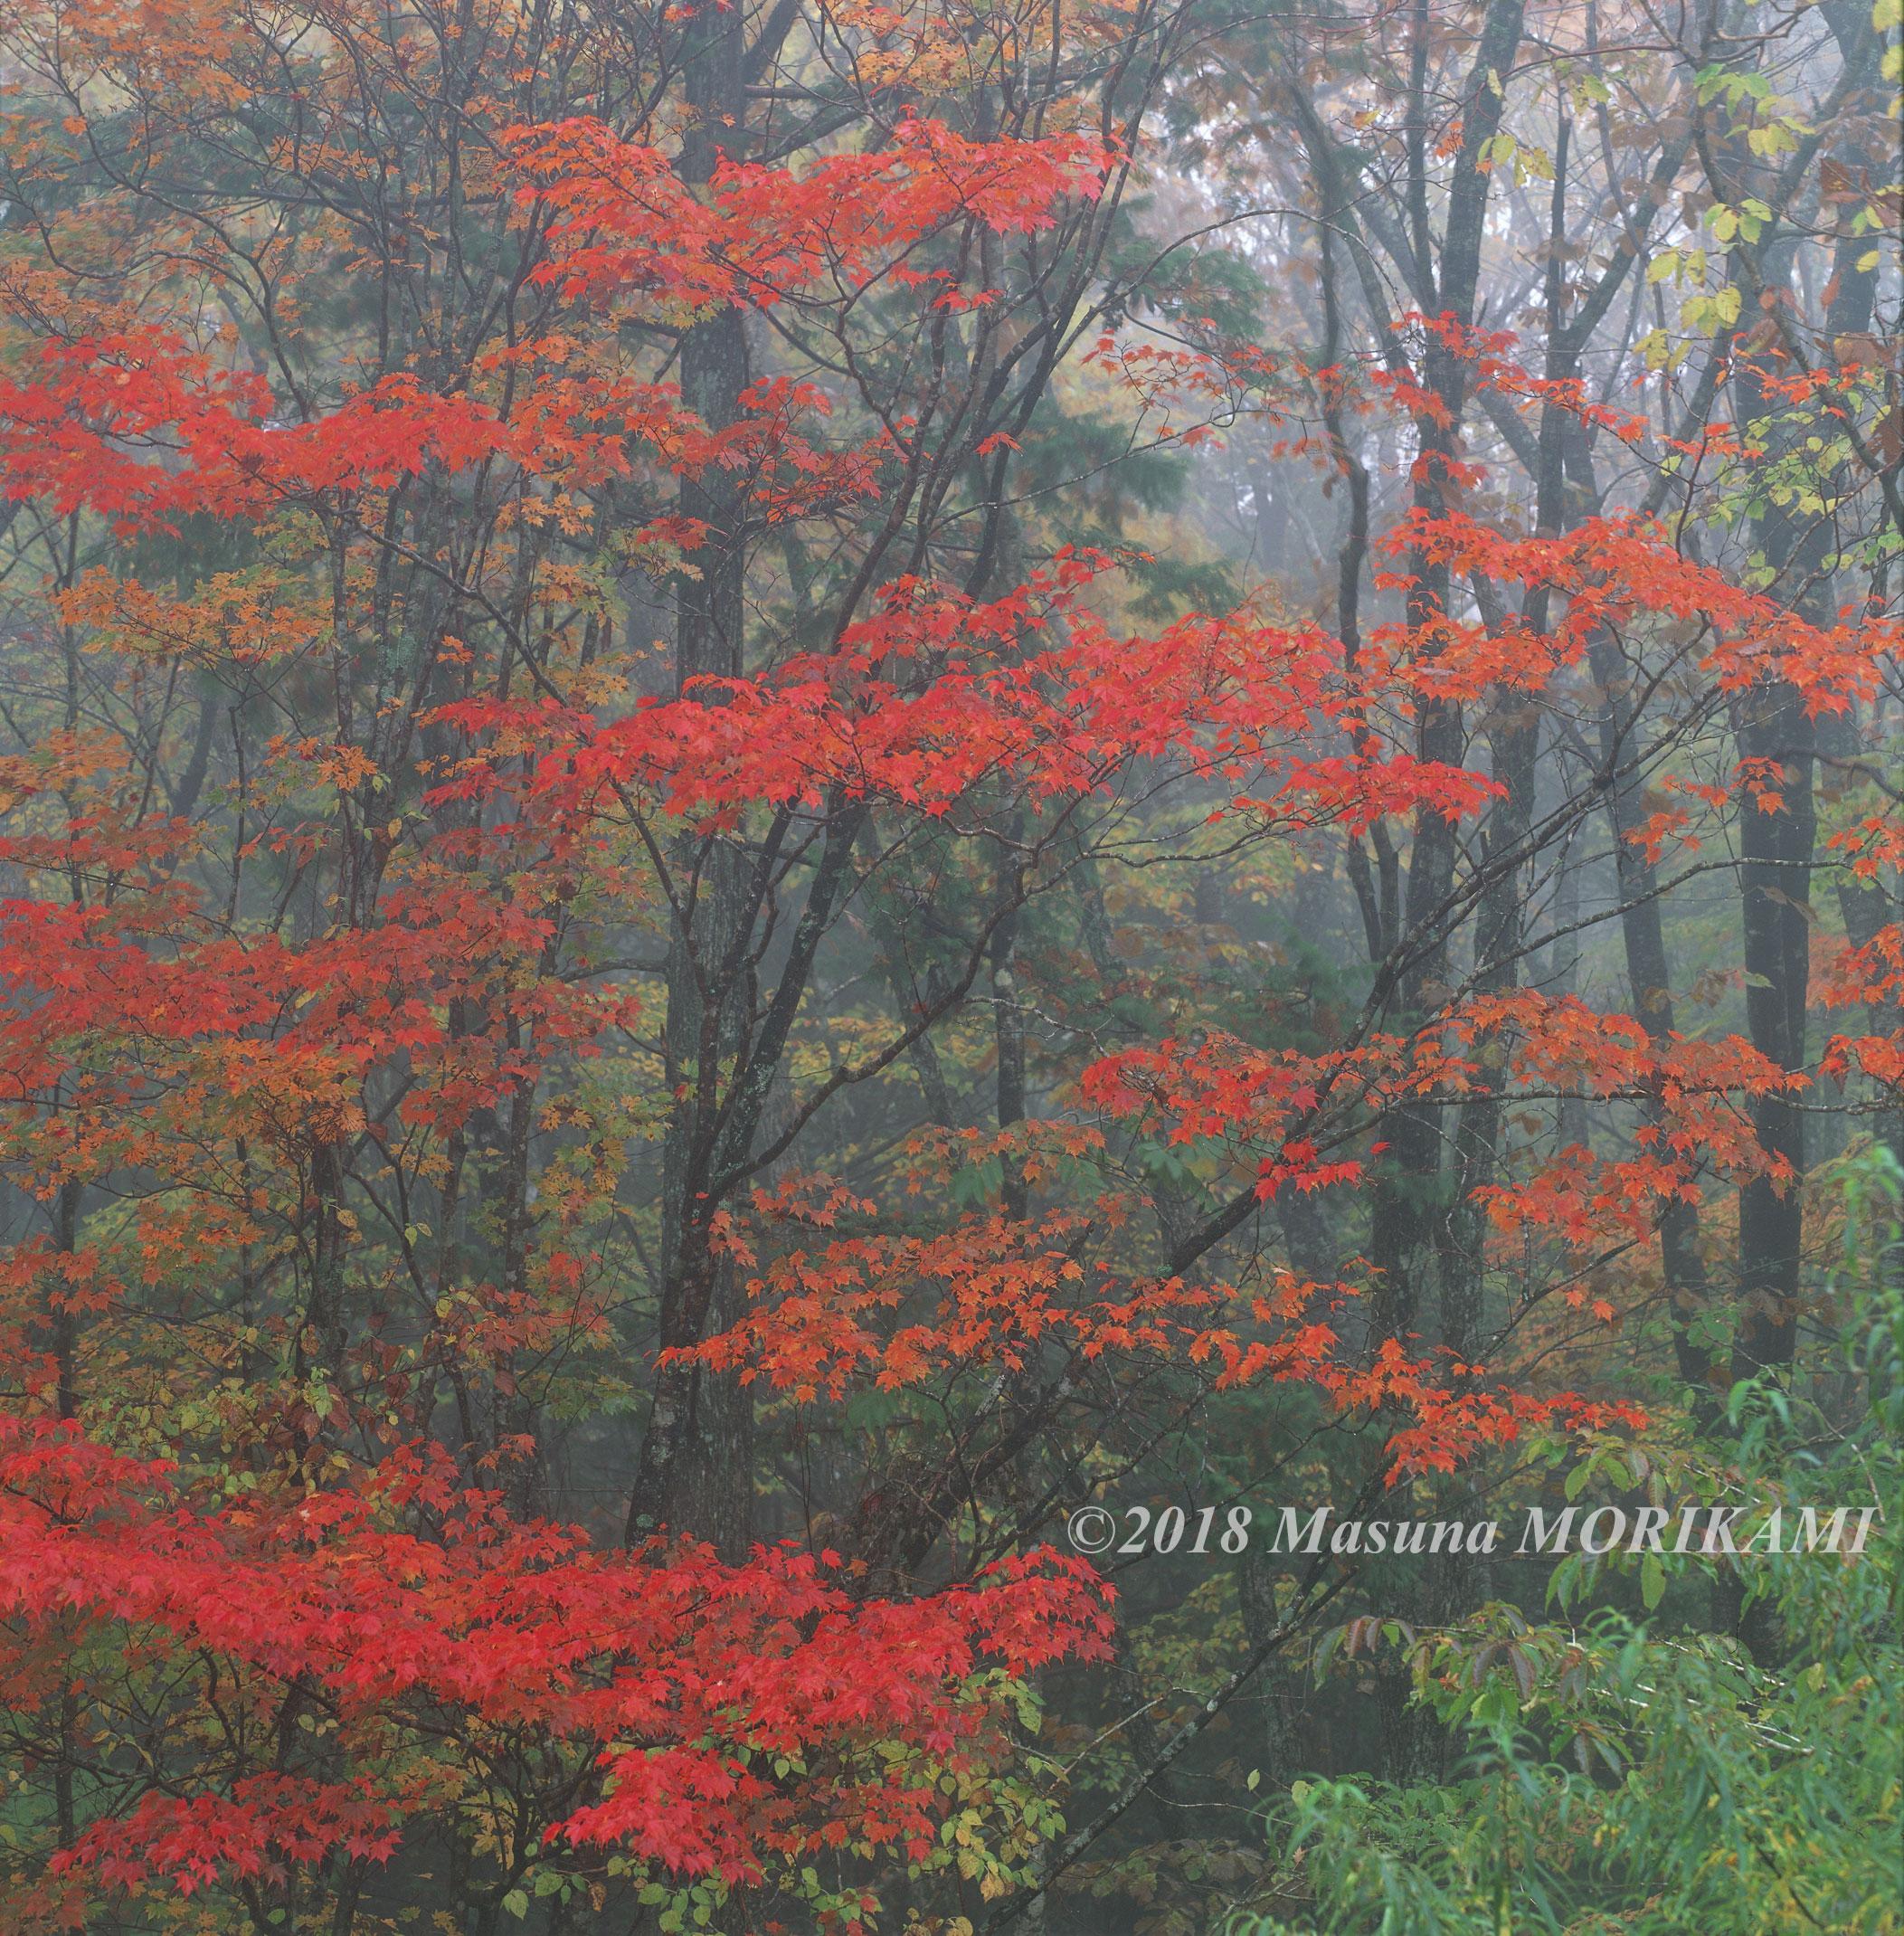 15 霧に映えて/長野県根羽村/2011.10.23 12:45